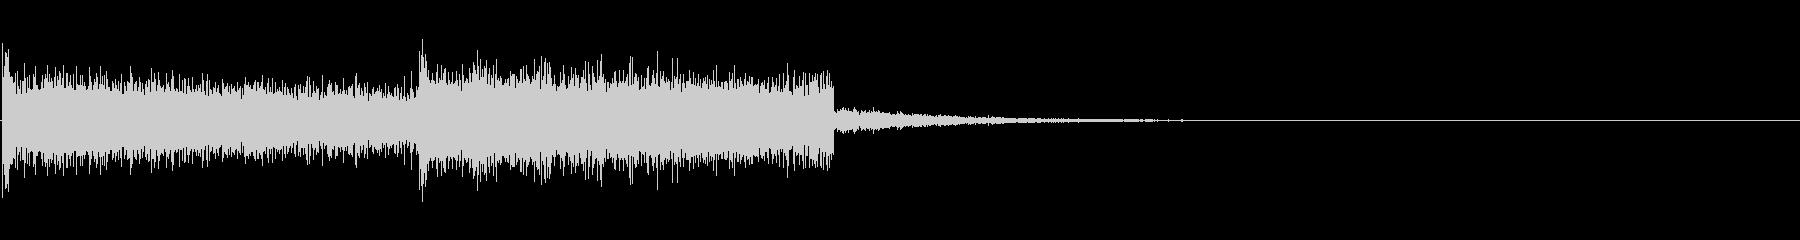 8bitなジングルの未再生の波形